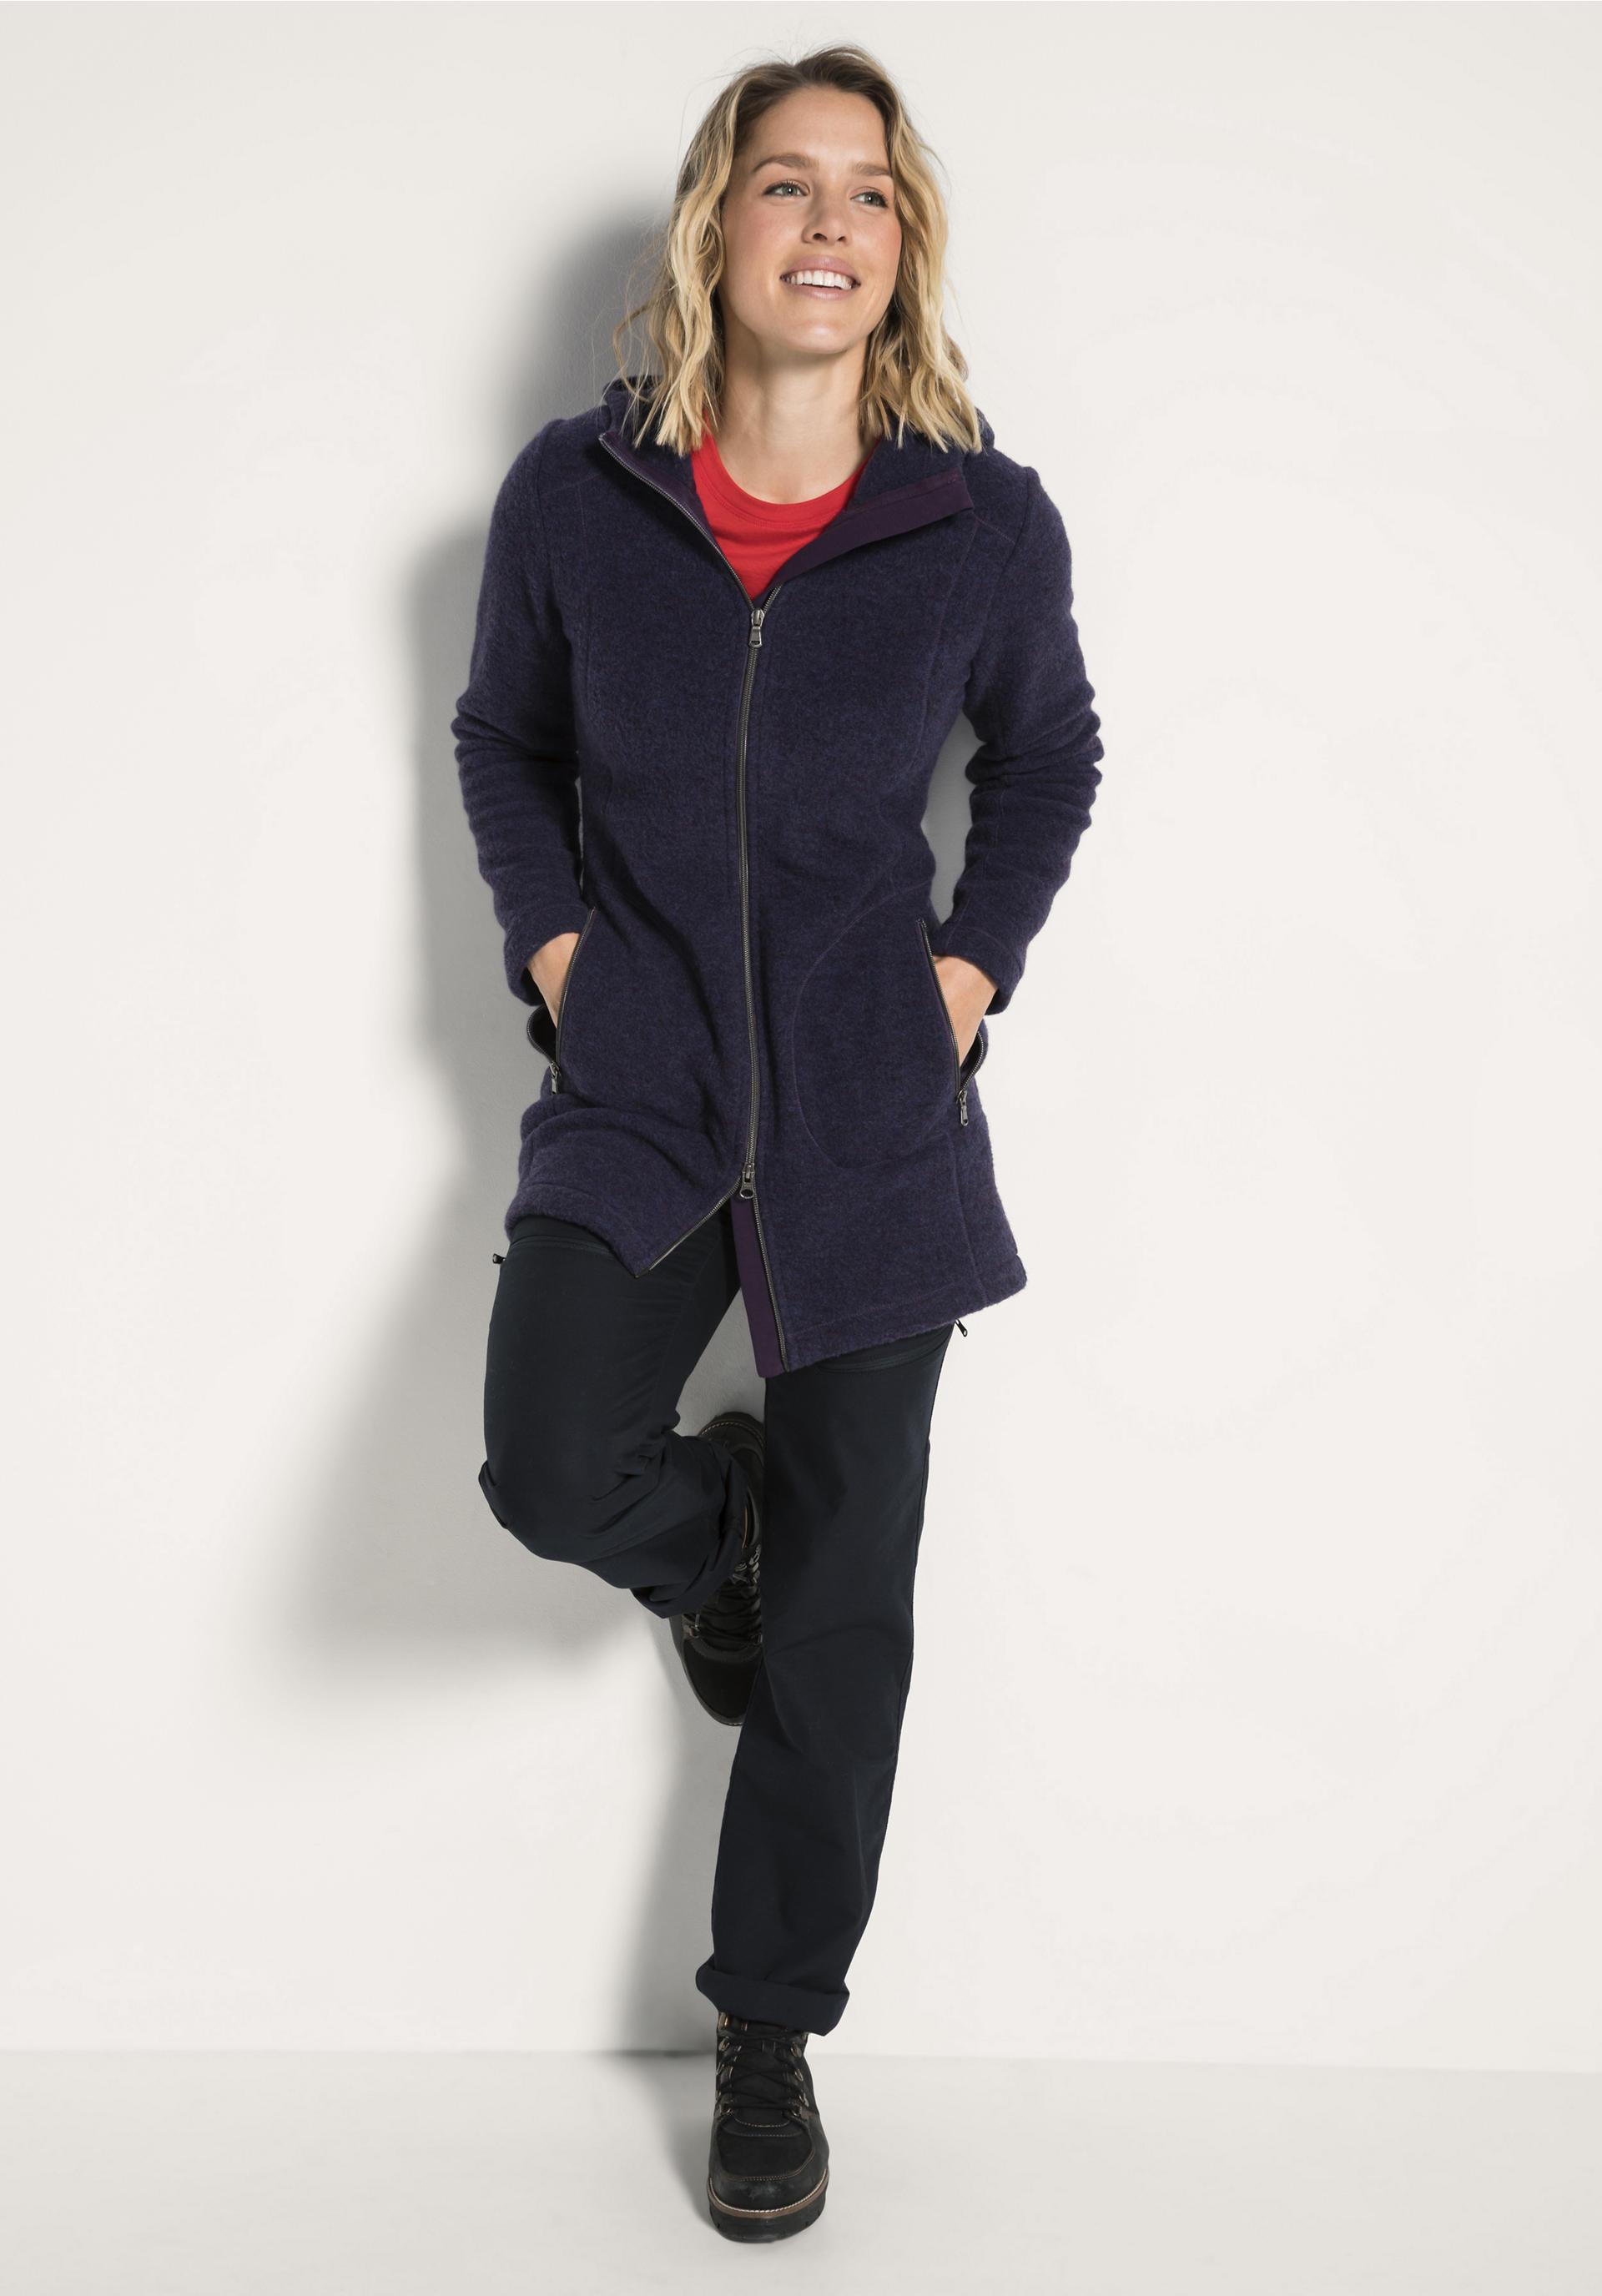 Damen Wollfleece Jacke aus reiner Bio Schurwolle von hessnatur